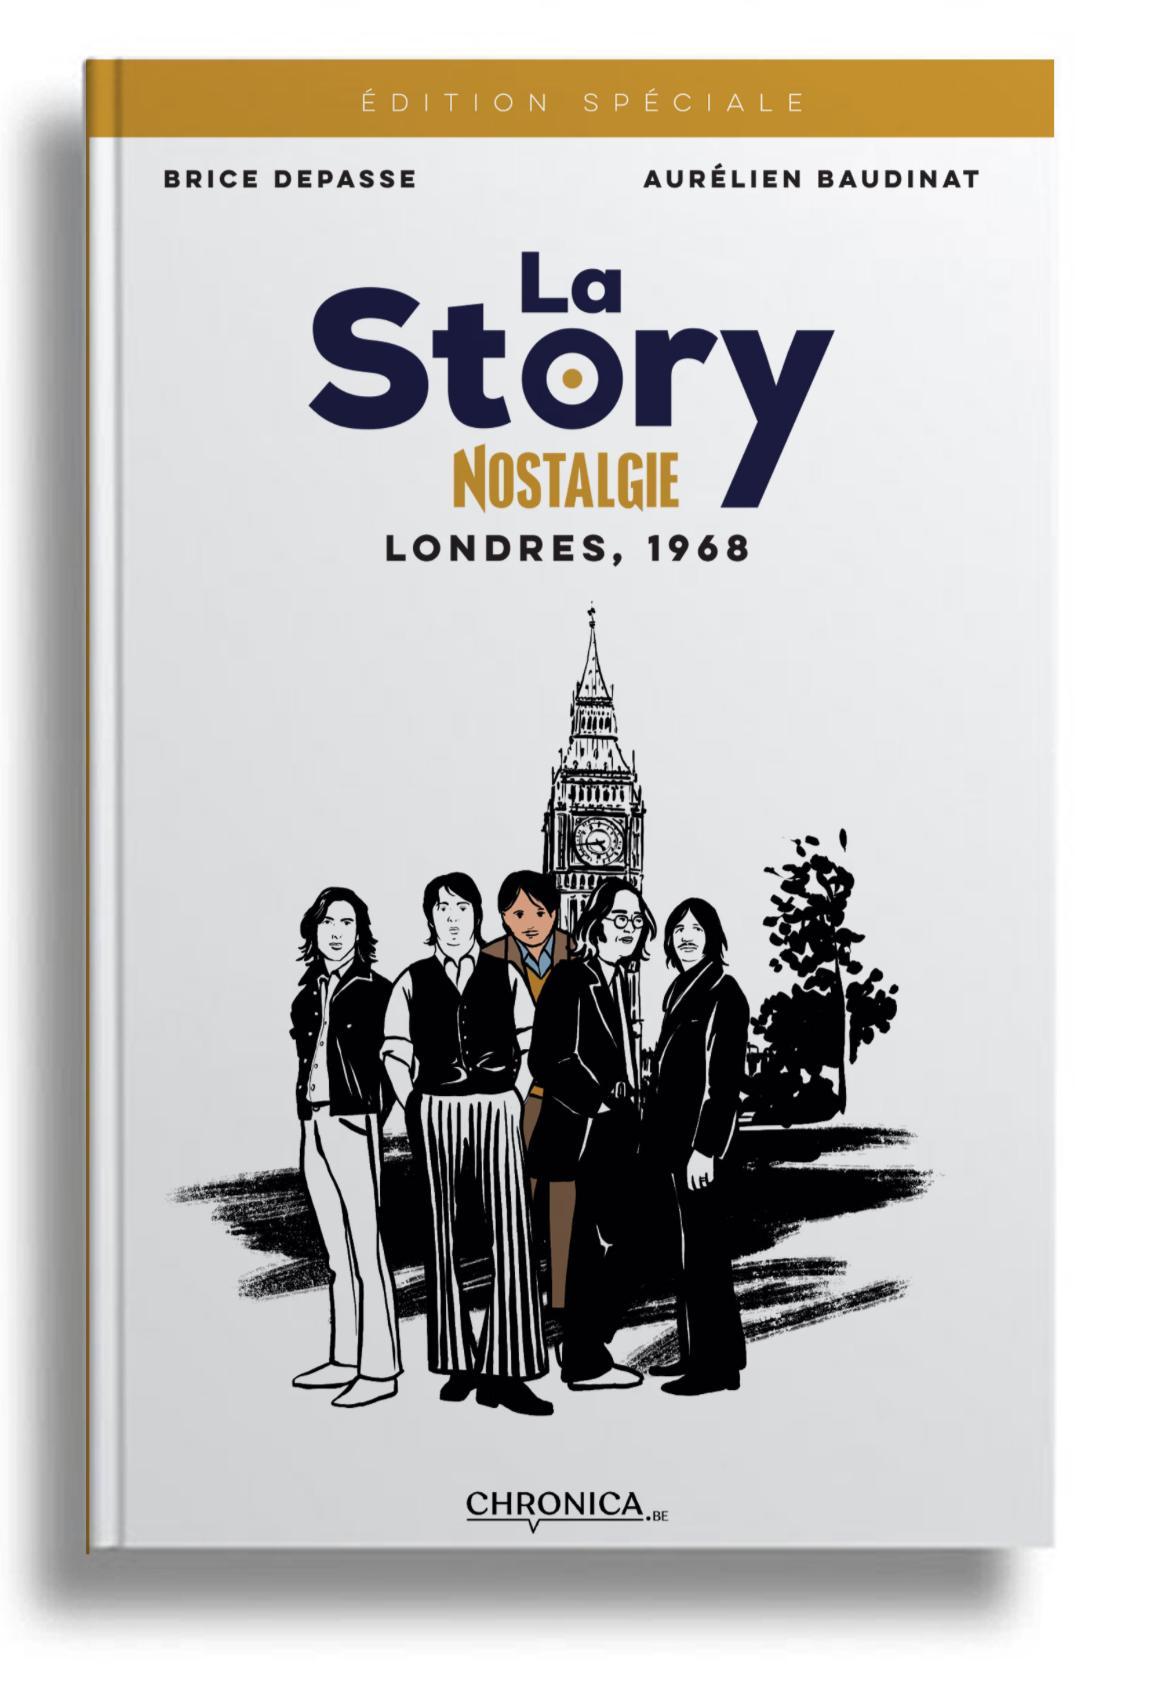 La story / Londres 1968 : une BD de Brice Depasse